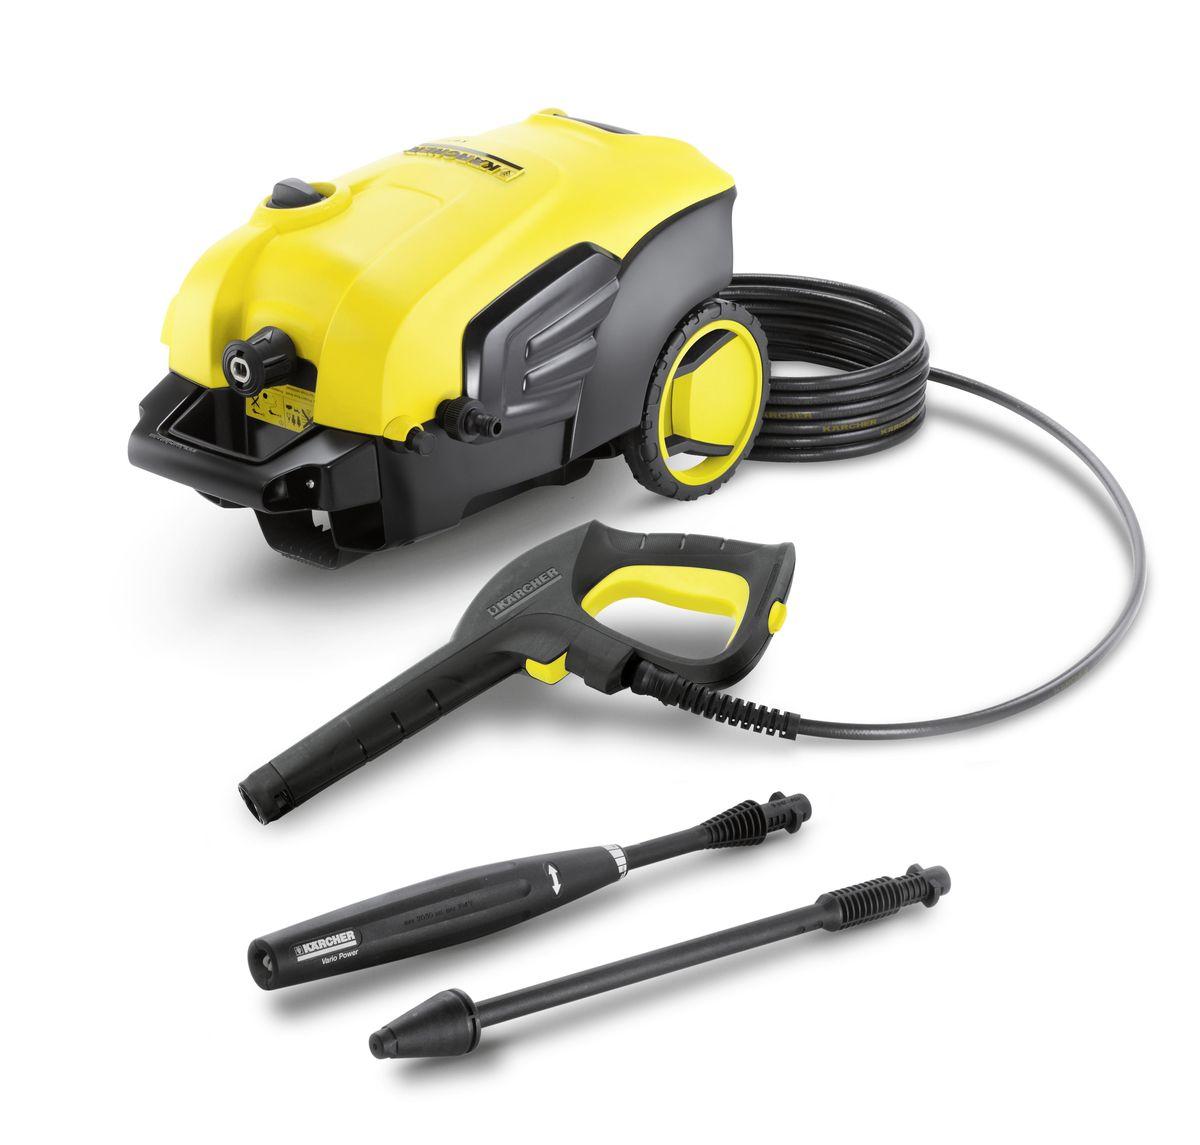 """Мойка высокого давления Karcher """"K 5 Compact"""", цвет: желтый, черный 1.630-720.0"""